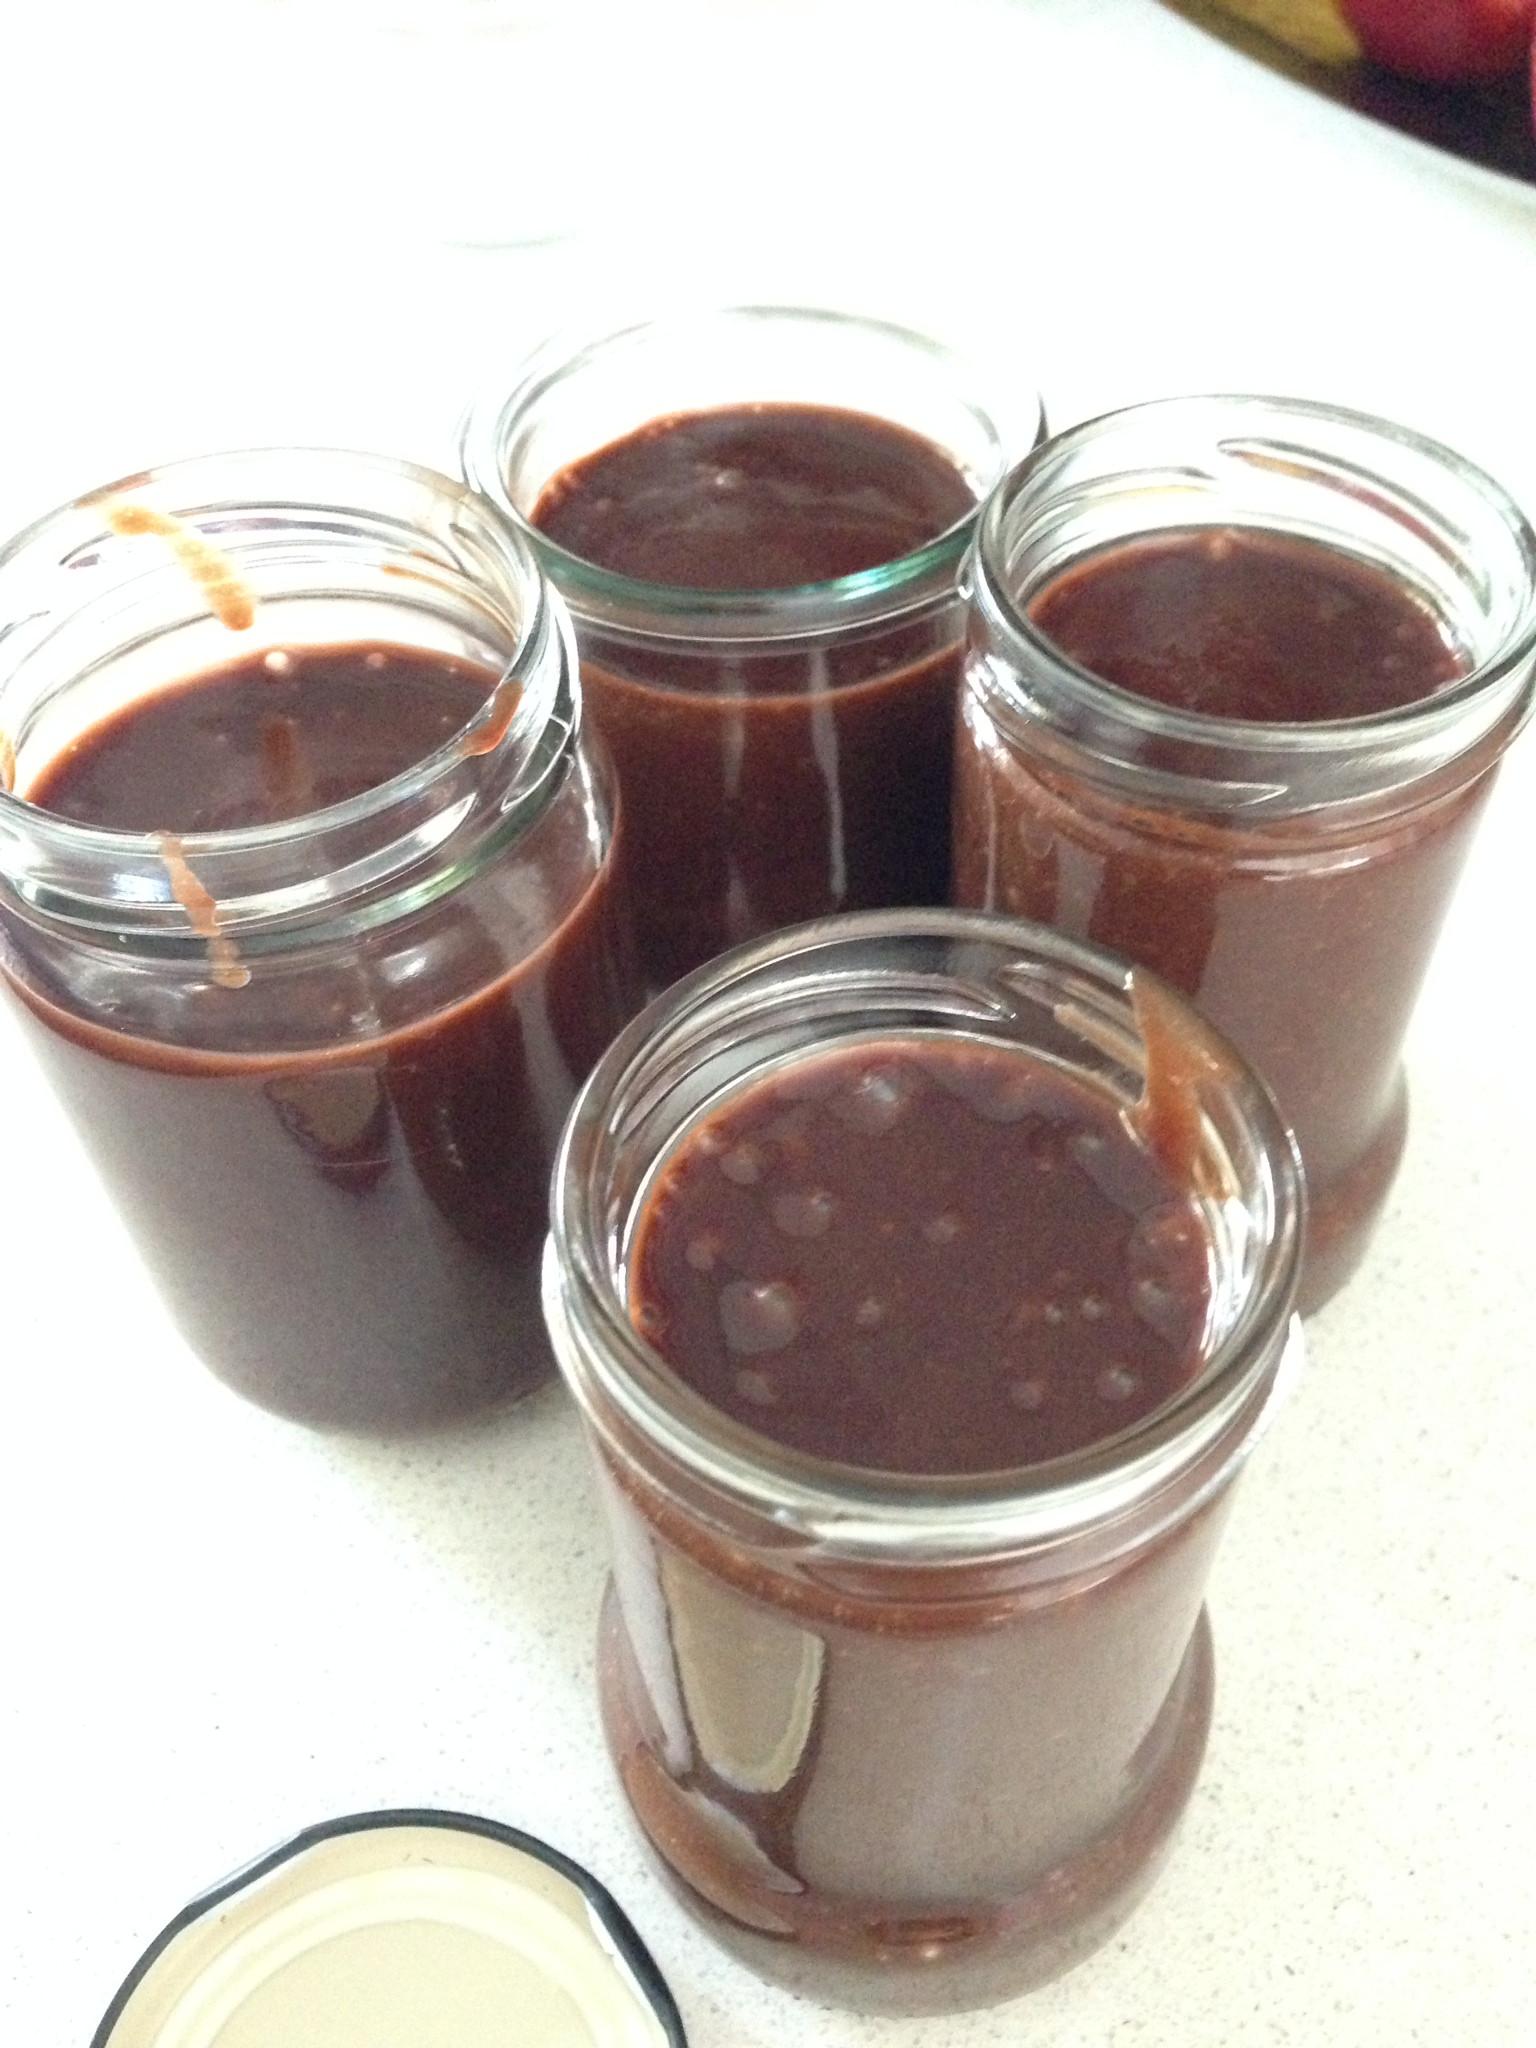 Dairy Free Chocolate Sauce  Chocolate Sauce – Nut Free & Sugar free